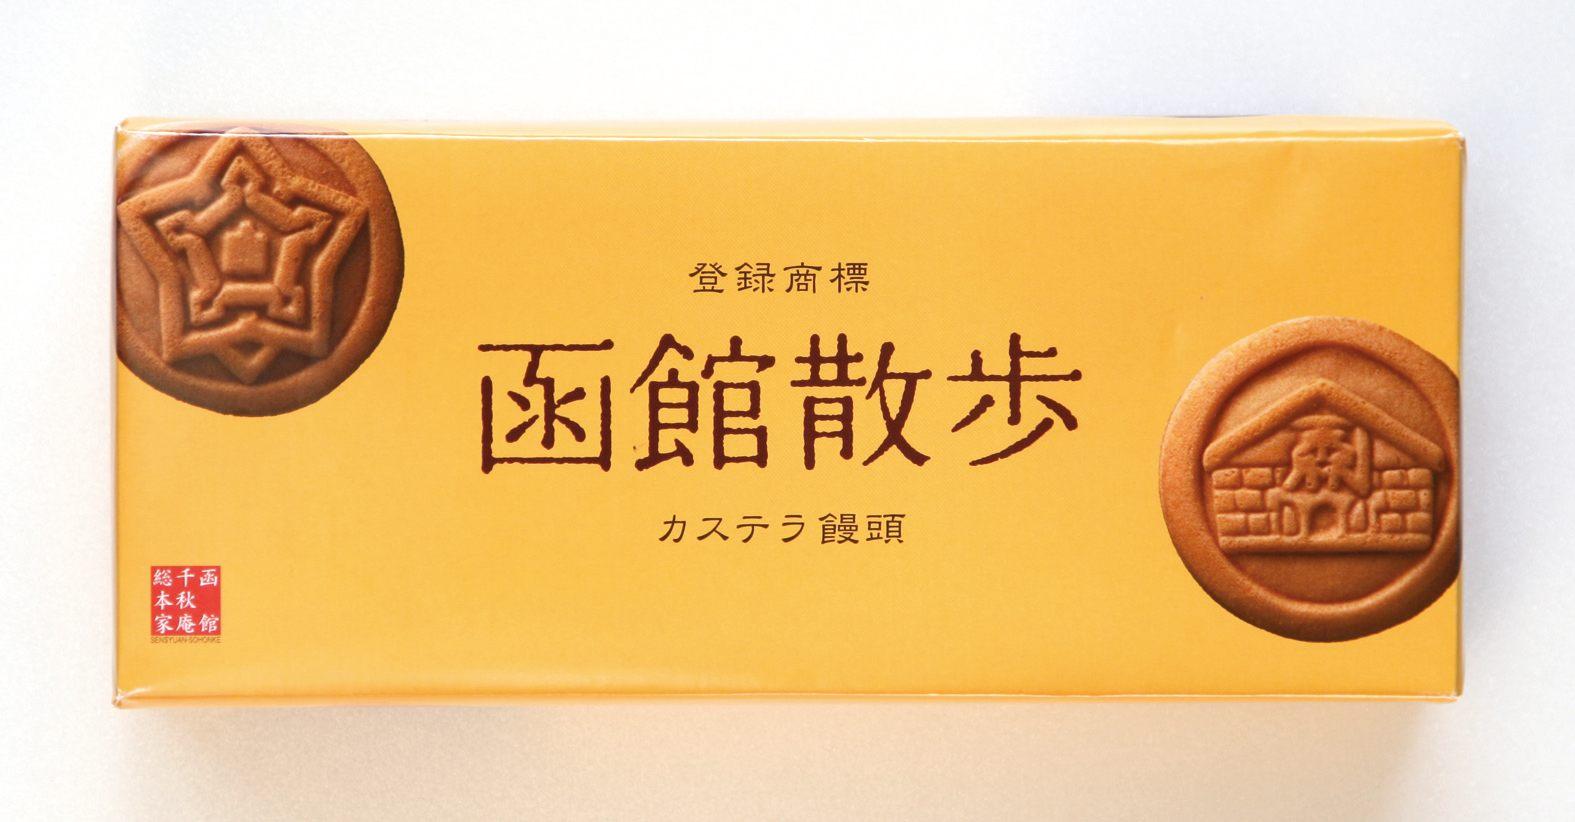 函館散歩 卡斯特拉饅頭